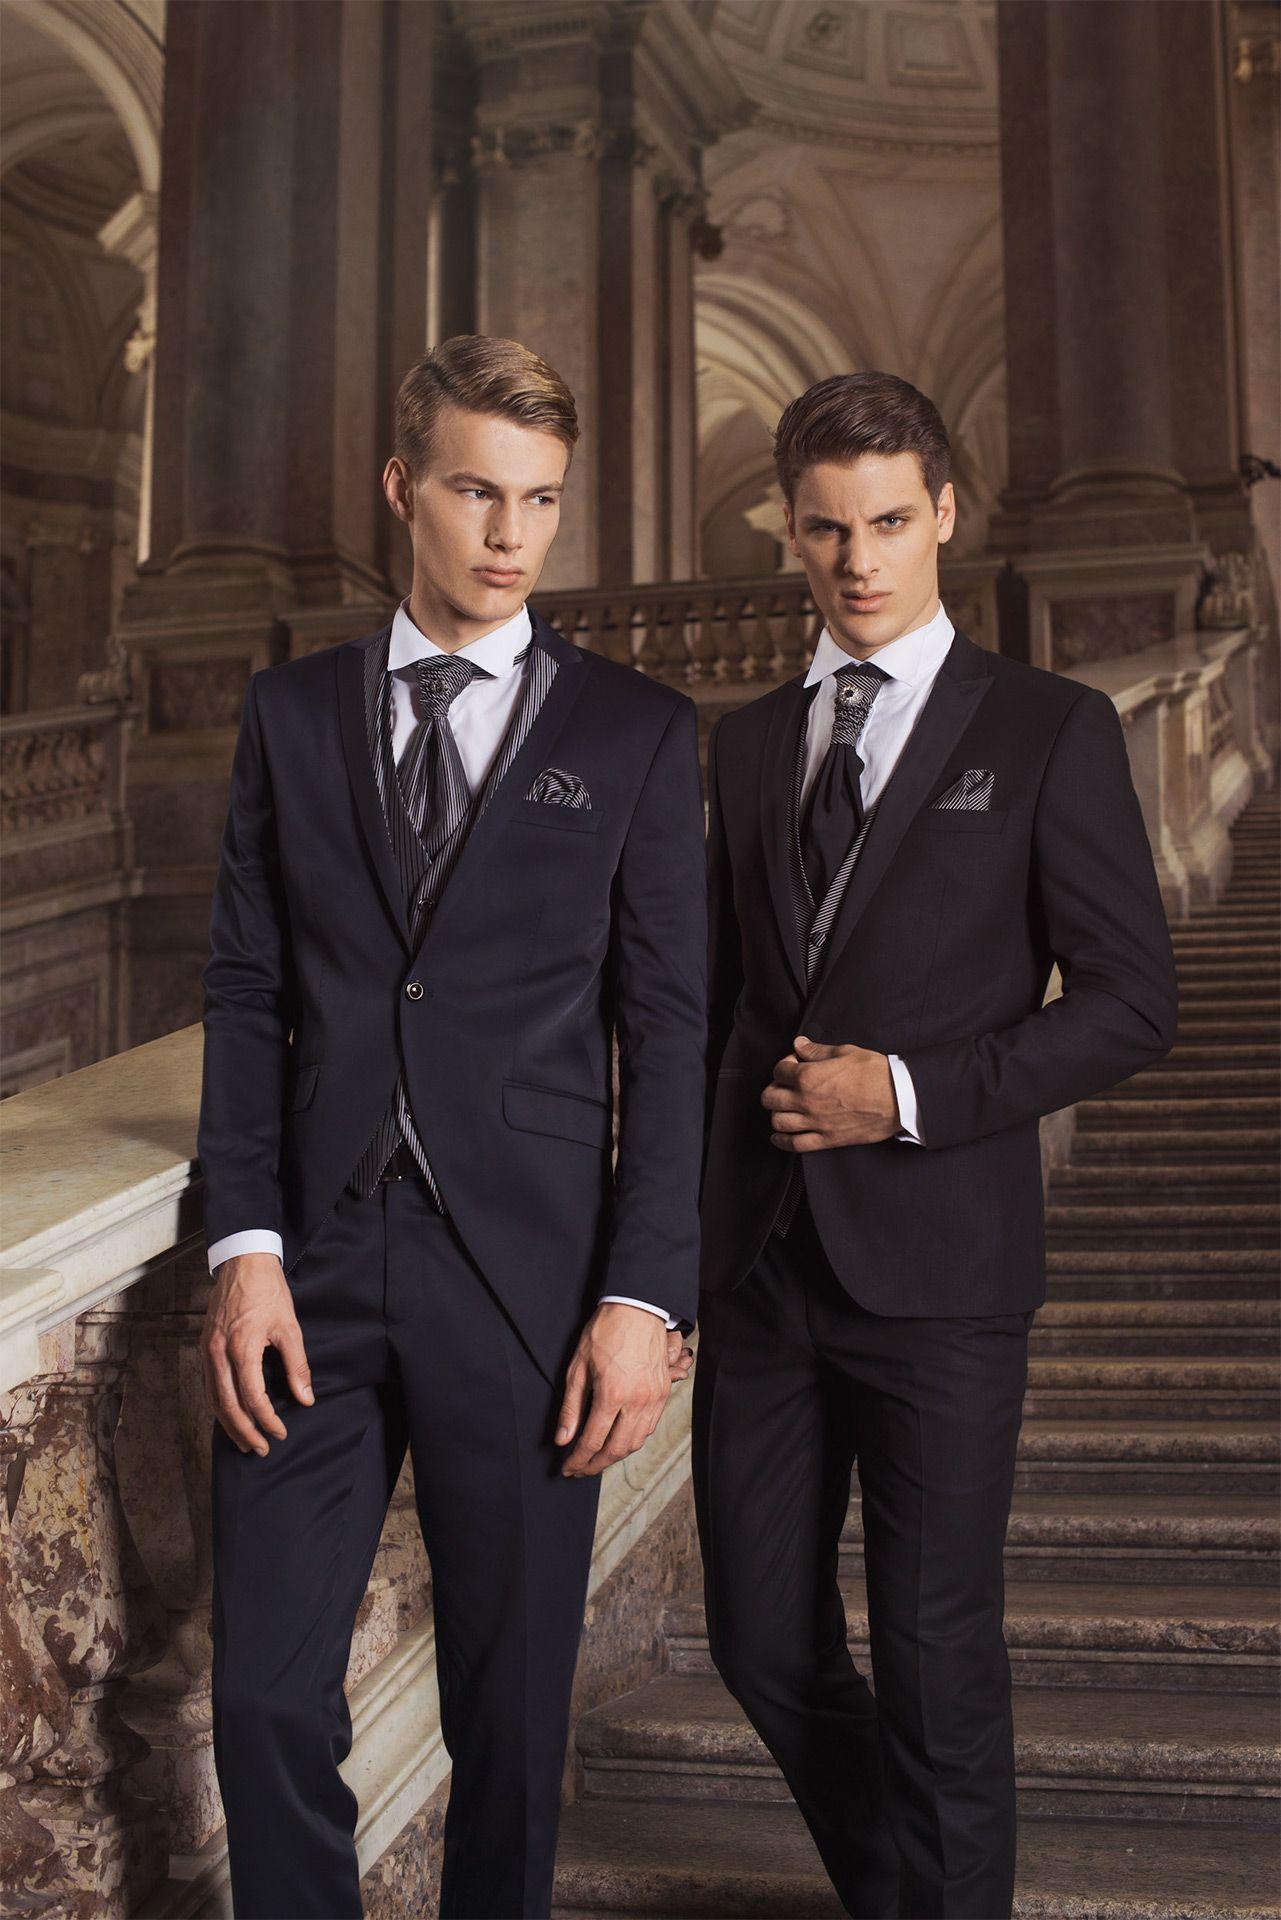 Impero uomo abito elegante wedding dress mariage matrimonio